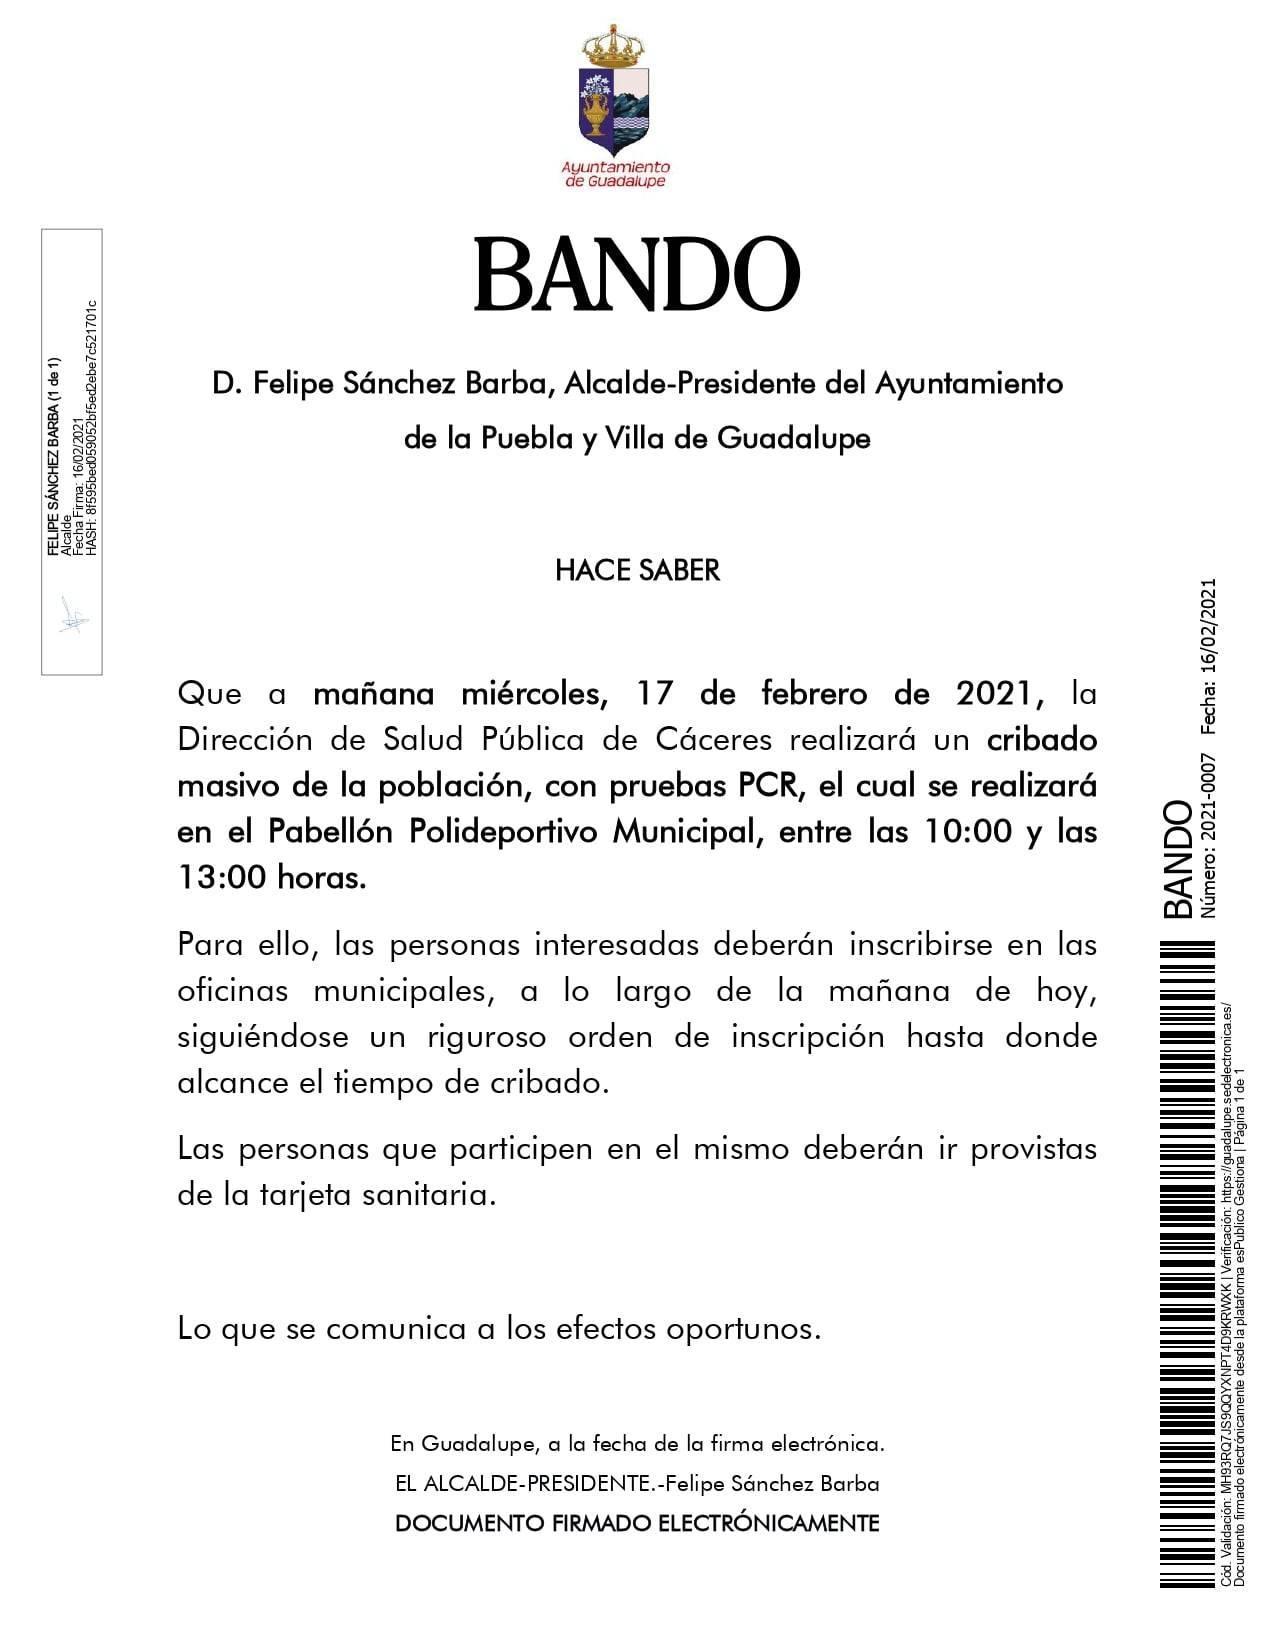 Nuevo caso positivo y cribado de COVID-19 (febrero 2021) - Guadalupe (Cáceres) 2